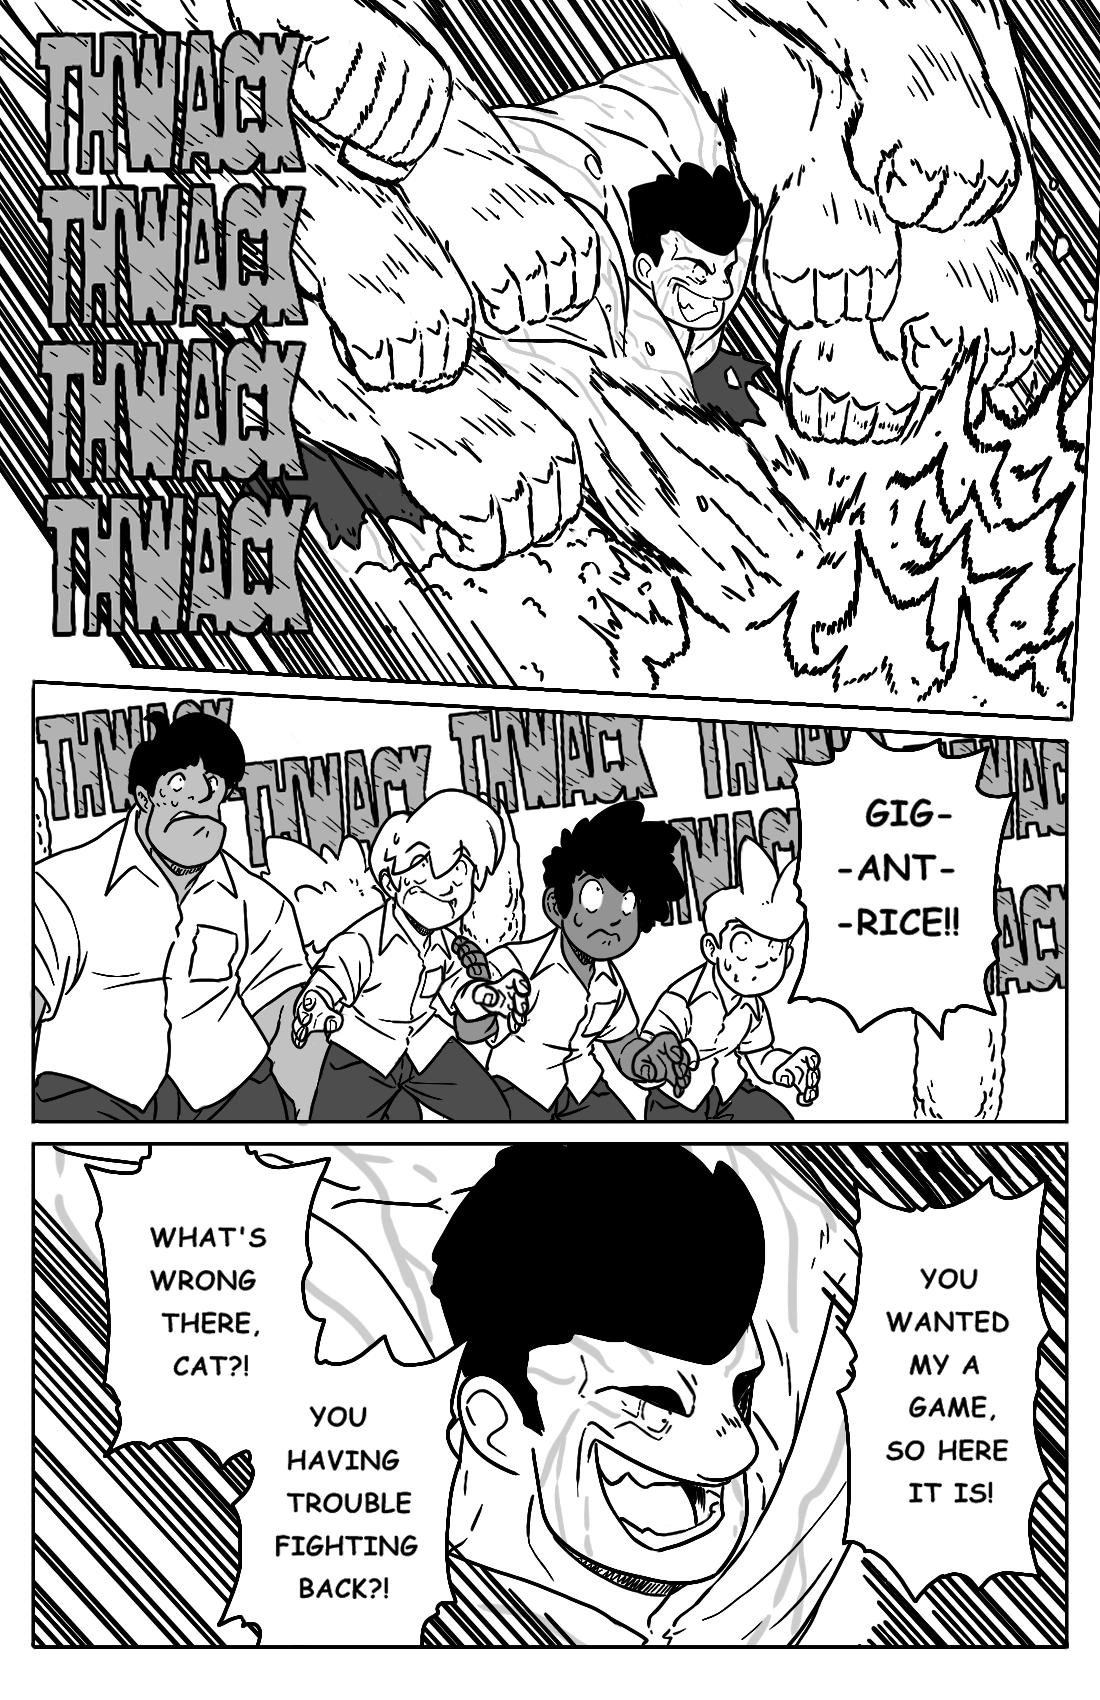 Bully Bully Part 3 pg.10